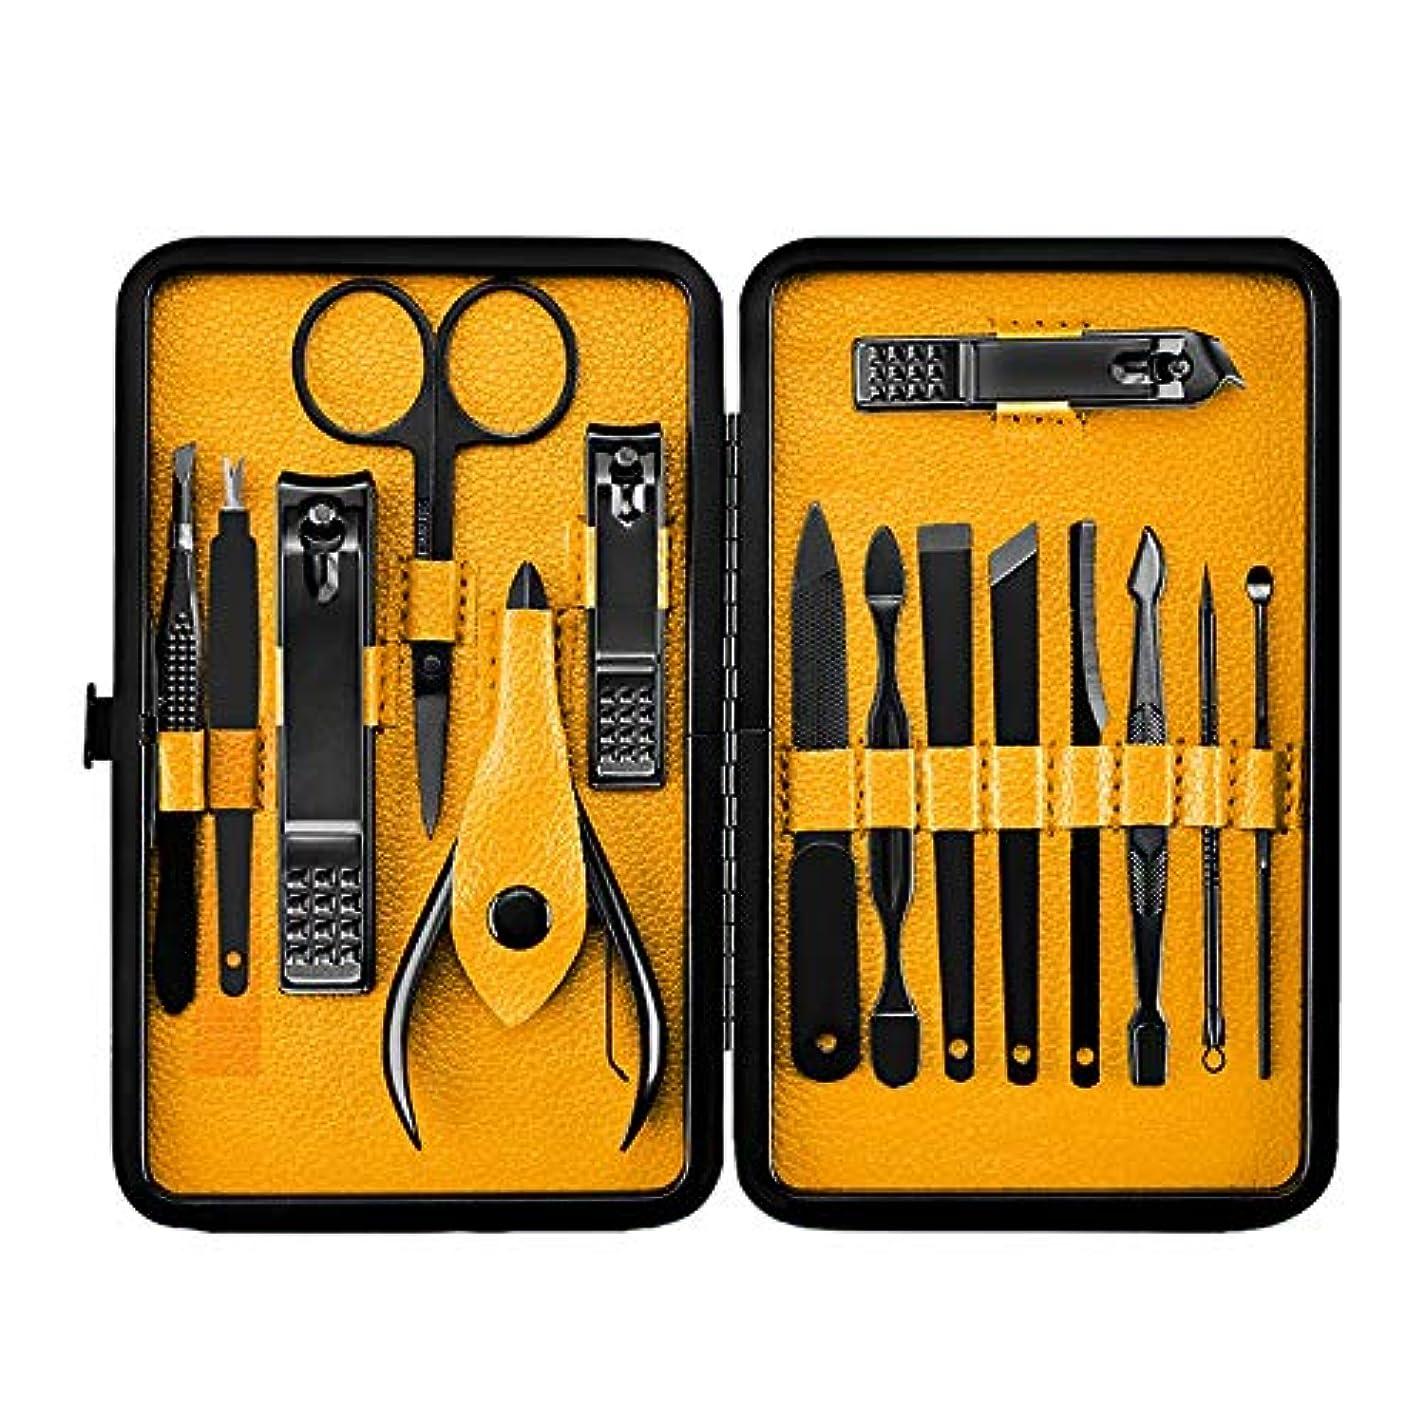 ペン微生物自分Gaoominy 15ピース、プロフェッショナル、マニキュア、ステンレス鋼製ネイルのクリッパー、爪切り、はさみのセット、キット、マニキュアのセット、ネイルのツール、ネイルアートのツール